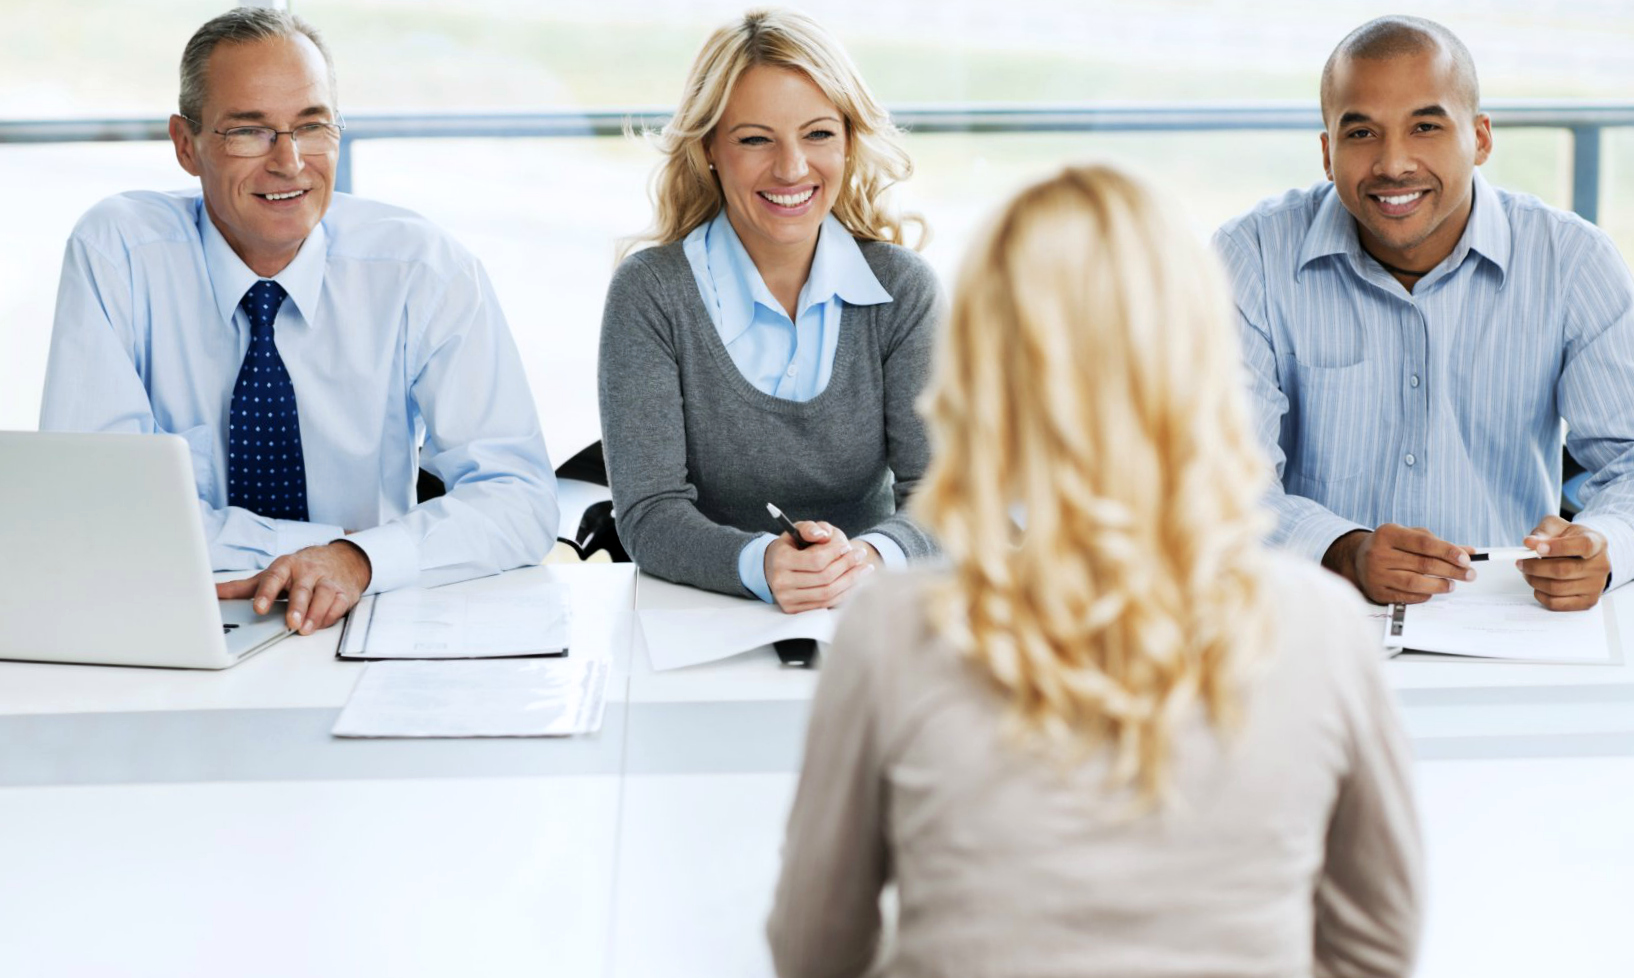 job interview green